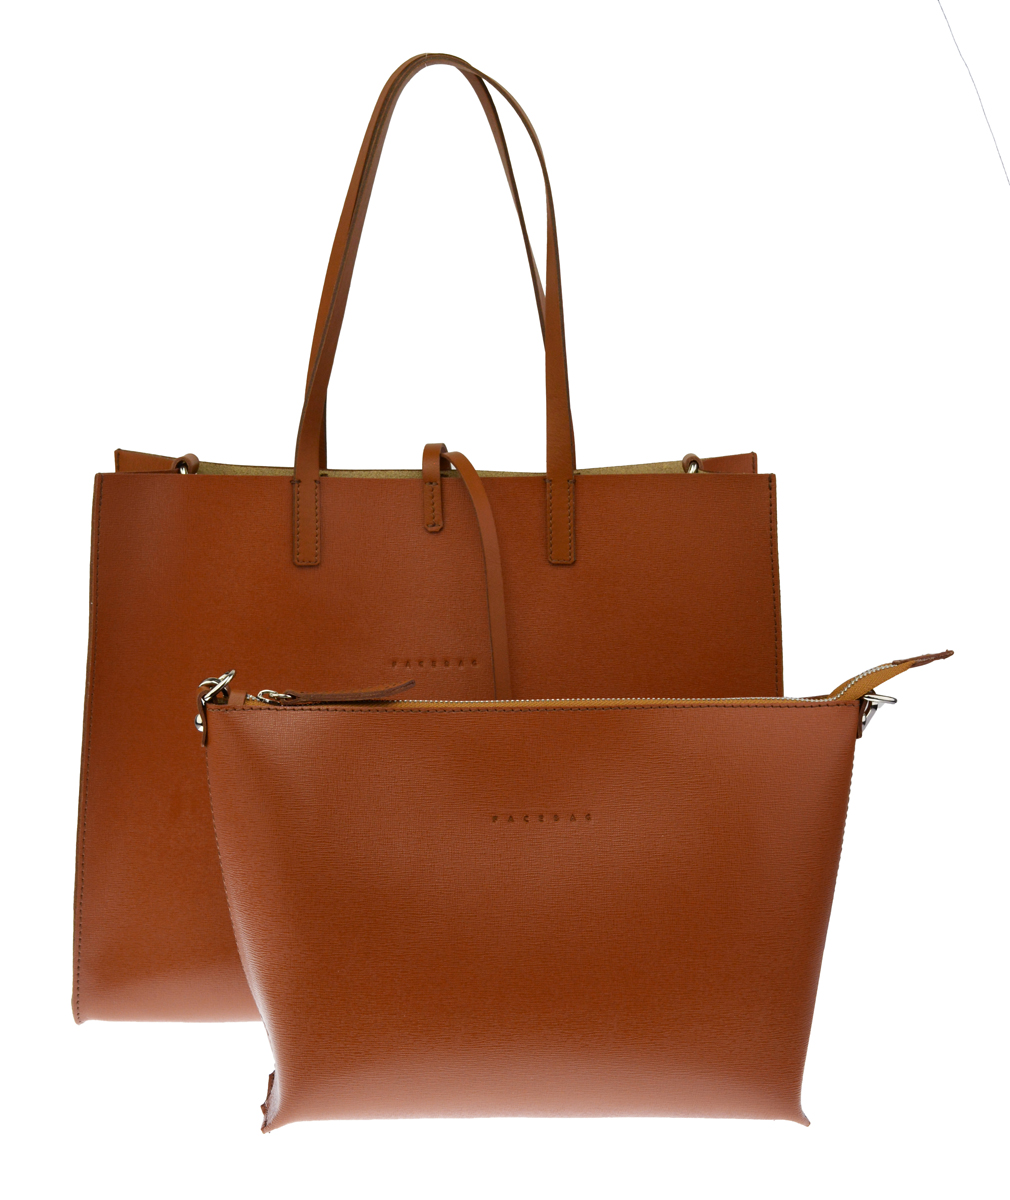 Dámská kožená kabelka FACEBAG 2v1 CHERI 1 - Cuoio